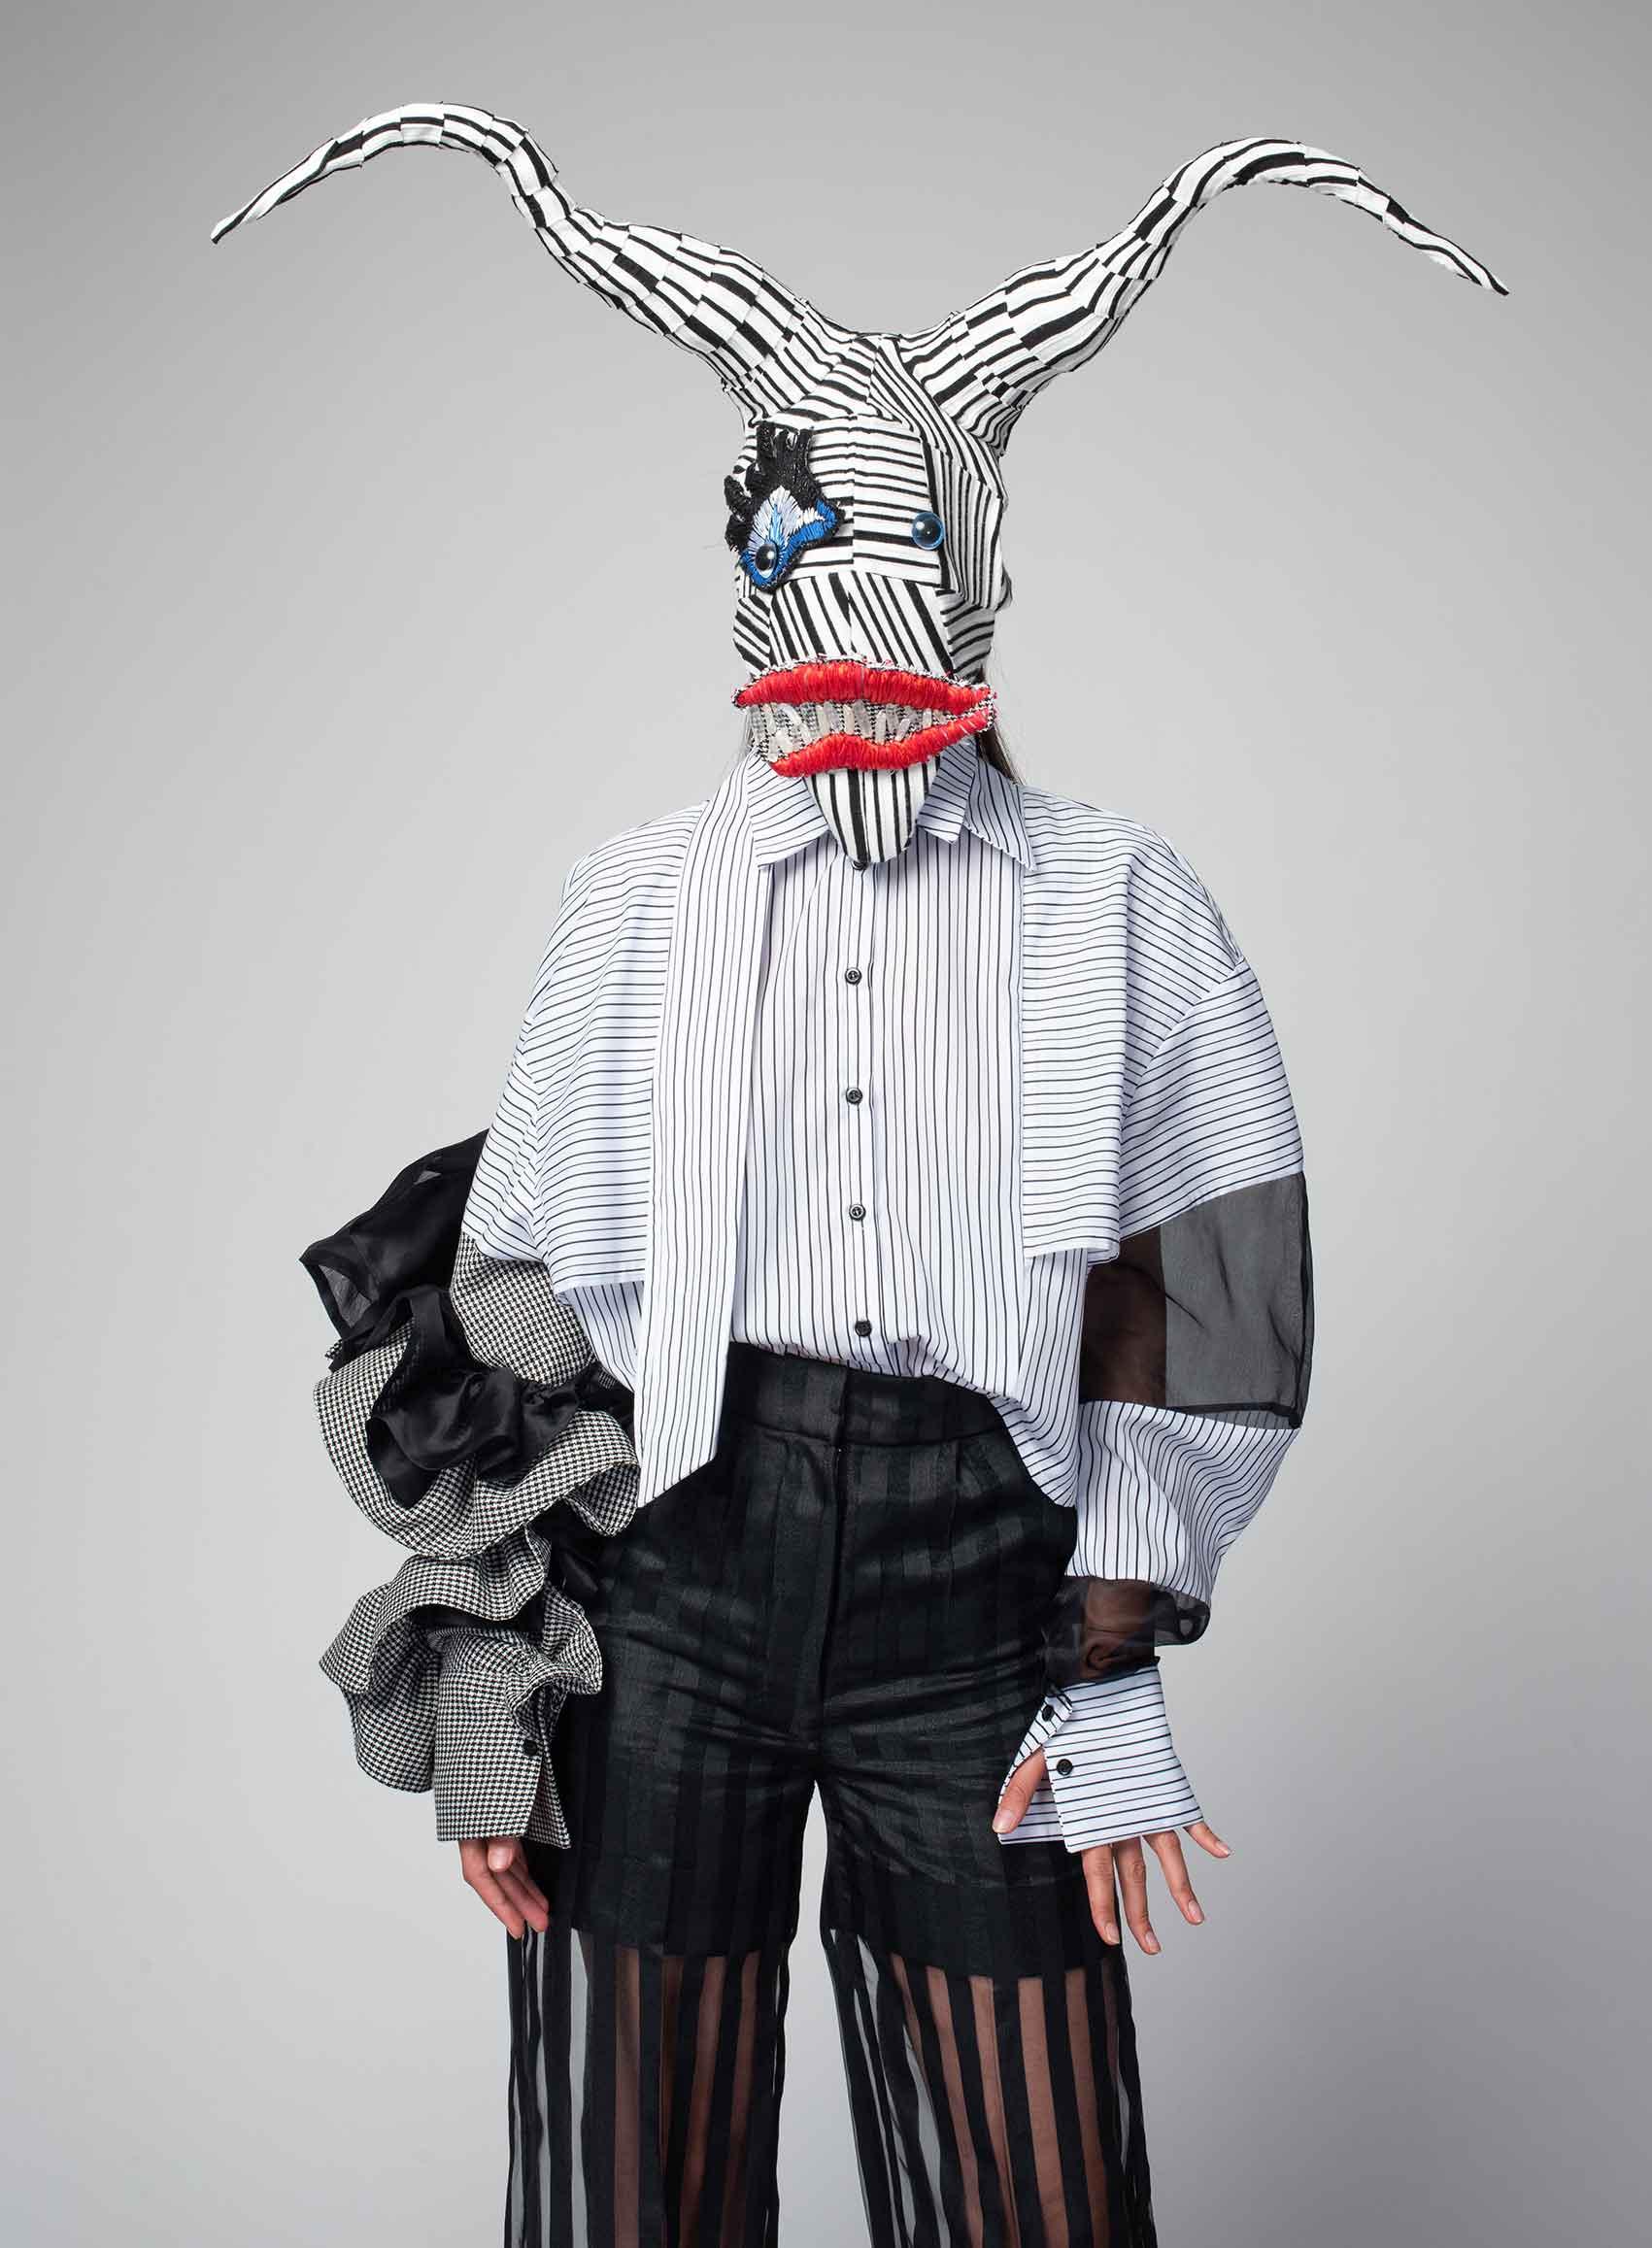 הפרעה נפשית - נטע אילוז, המרכז האקדמי ויצו חיפה, עיצוב אופנה